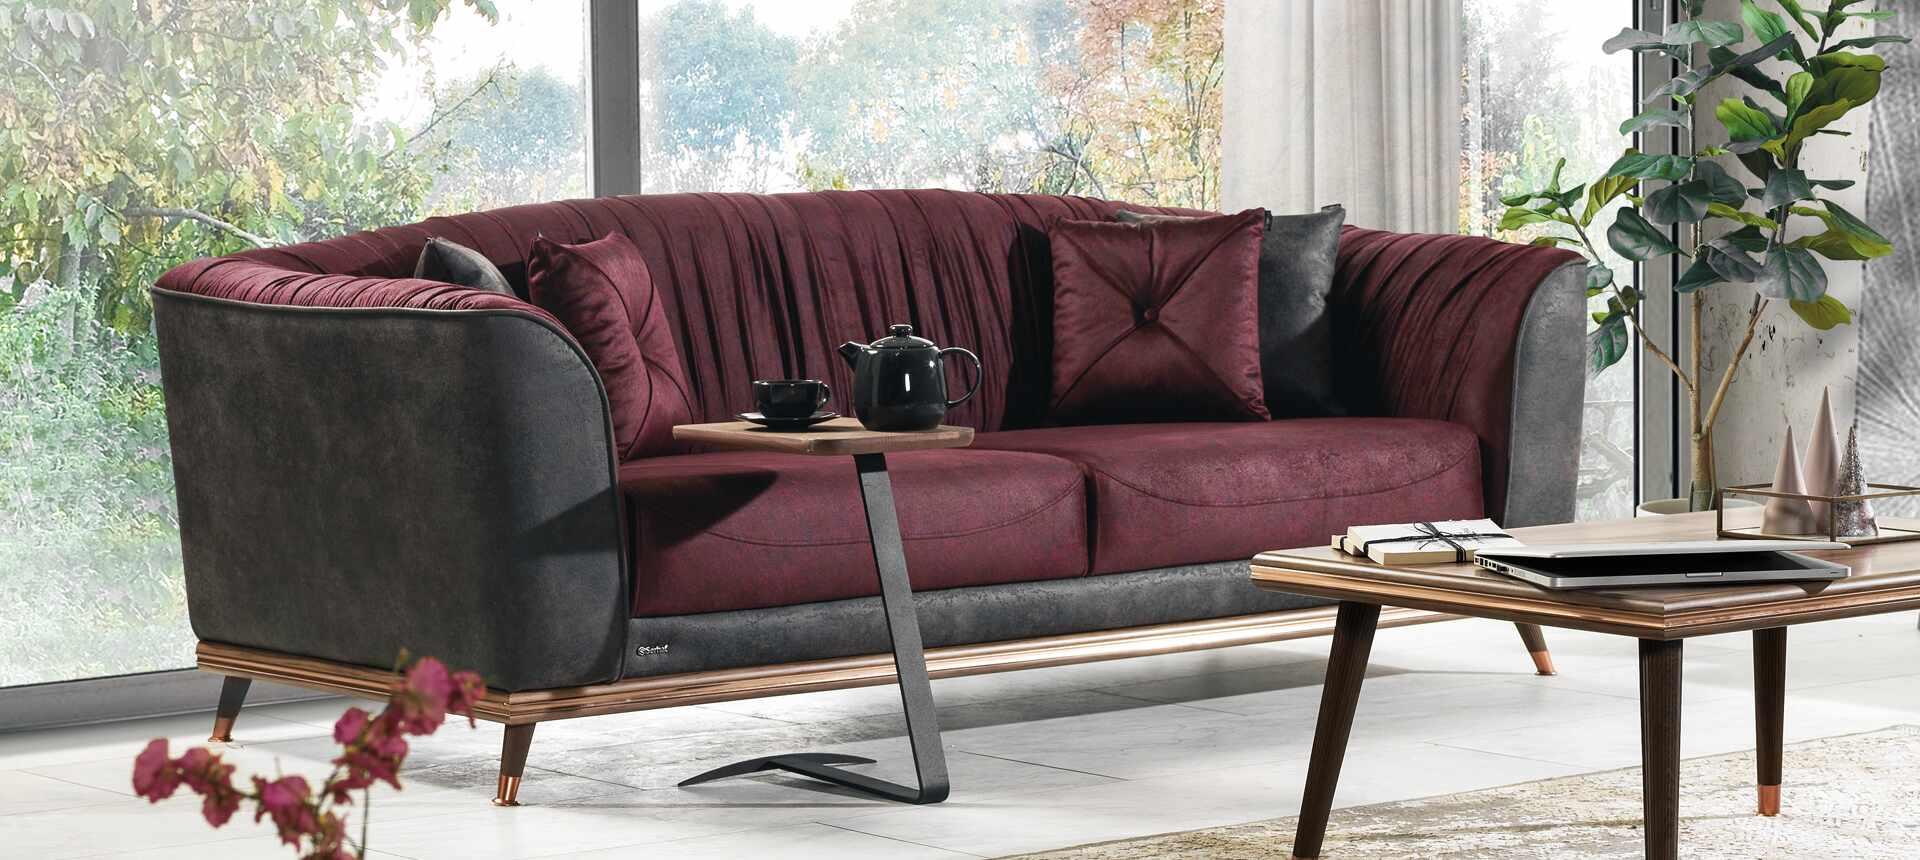 Canapea tapitata cu stofa, 3 locuri, cu functie sleep pentru 1 persoana Toscana Burgundy K1, l240xA98xH85 cm la pret 3865 lei